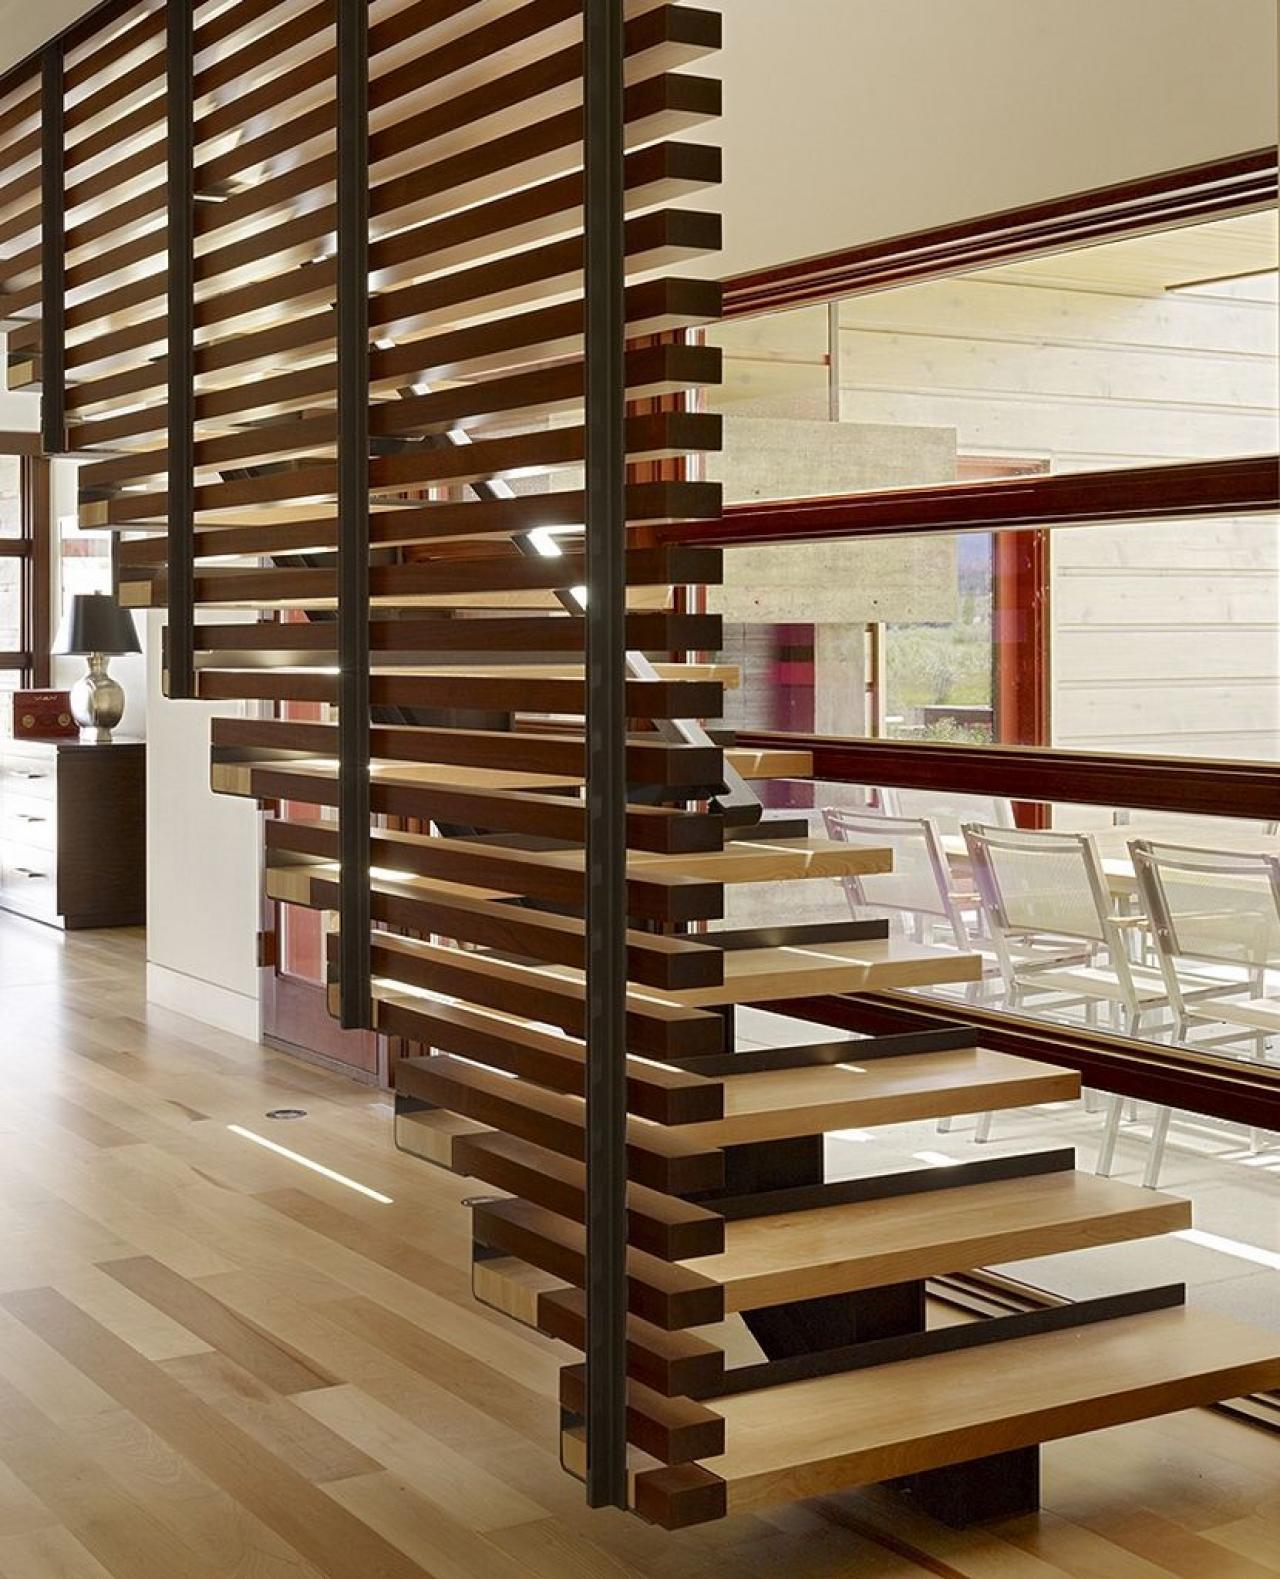 Ideas 19 Modern And Elegant Stair Design Ideas To: Spodaj: Varno In Udobno